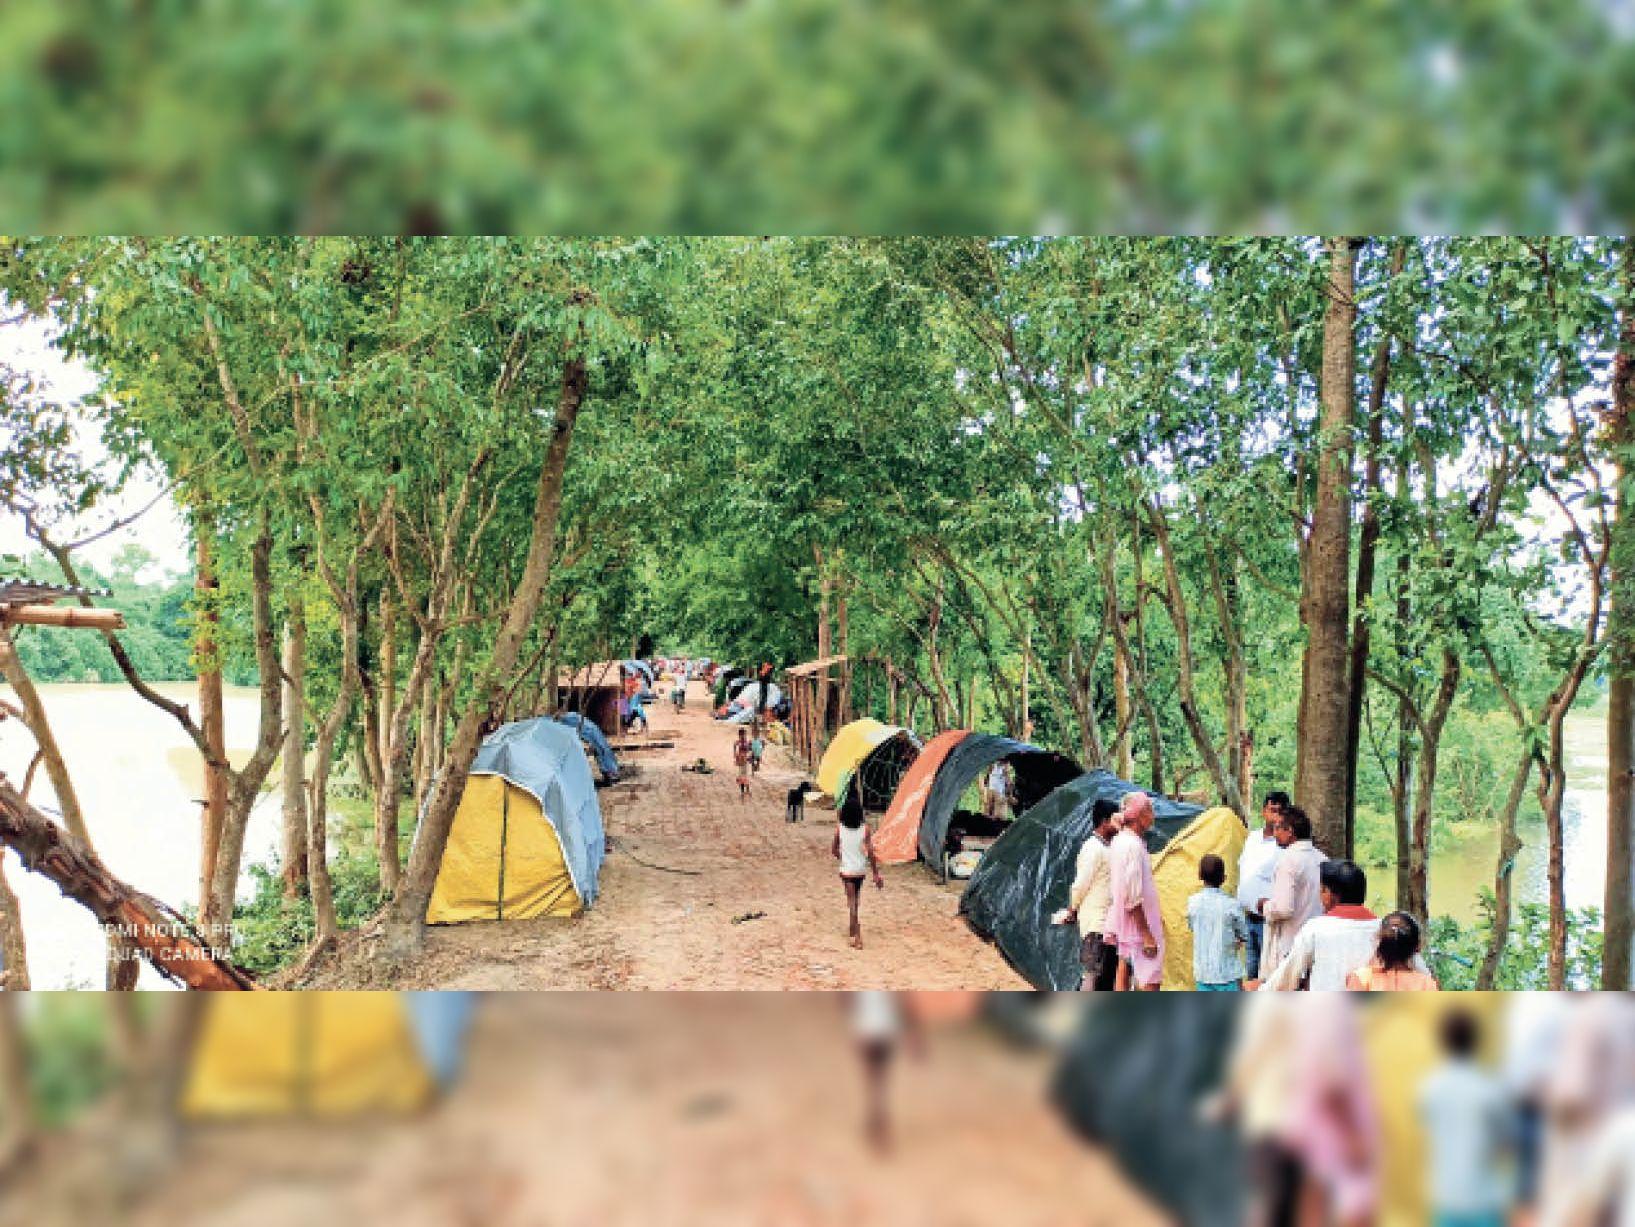 नौतन के मंगलपुर के पास चंपारण तटबंध पर बाढ़ प्रभावित लोग शरण लिए हुए हैं। इस साल मानसून के आगमन के साथ ही यह तटबंध सैकड़ों लोगों का शरणस्थली बना हुआ है। लेकिन यहां अभी तक बाढ़ पीड़ितों के बीच कोई भी सरकारी मदद नहीं पहुंची है। - Dainik Bhaskar